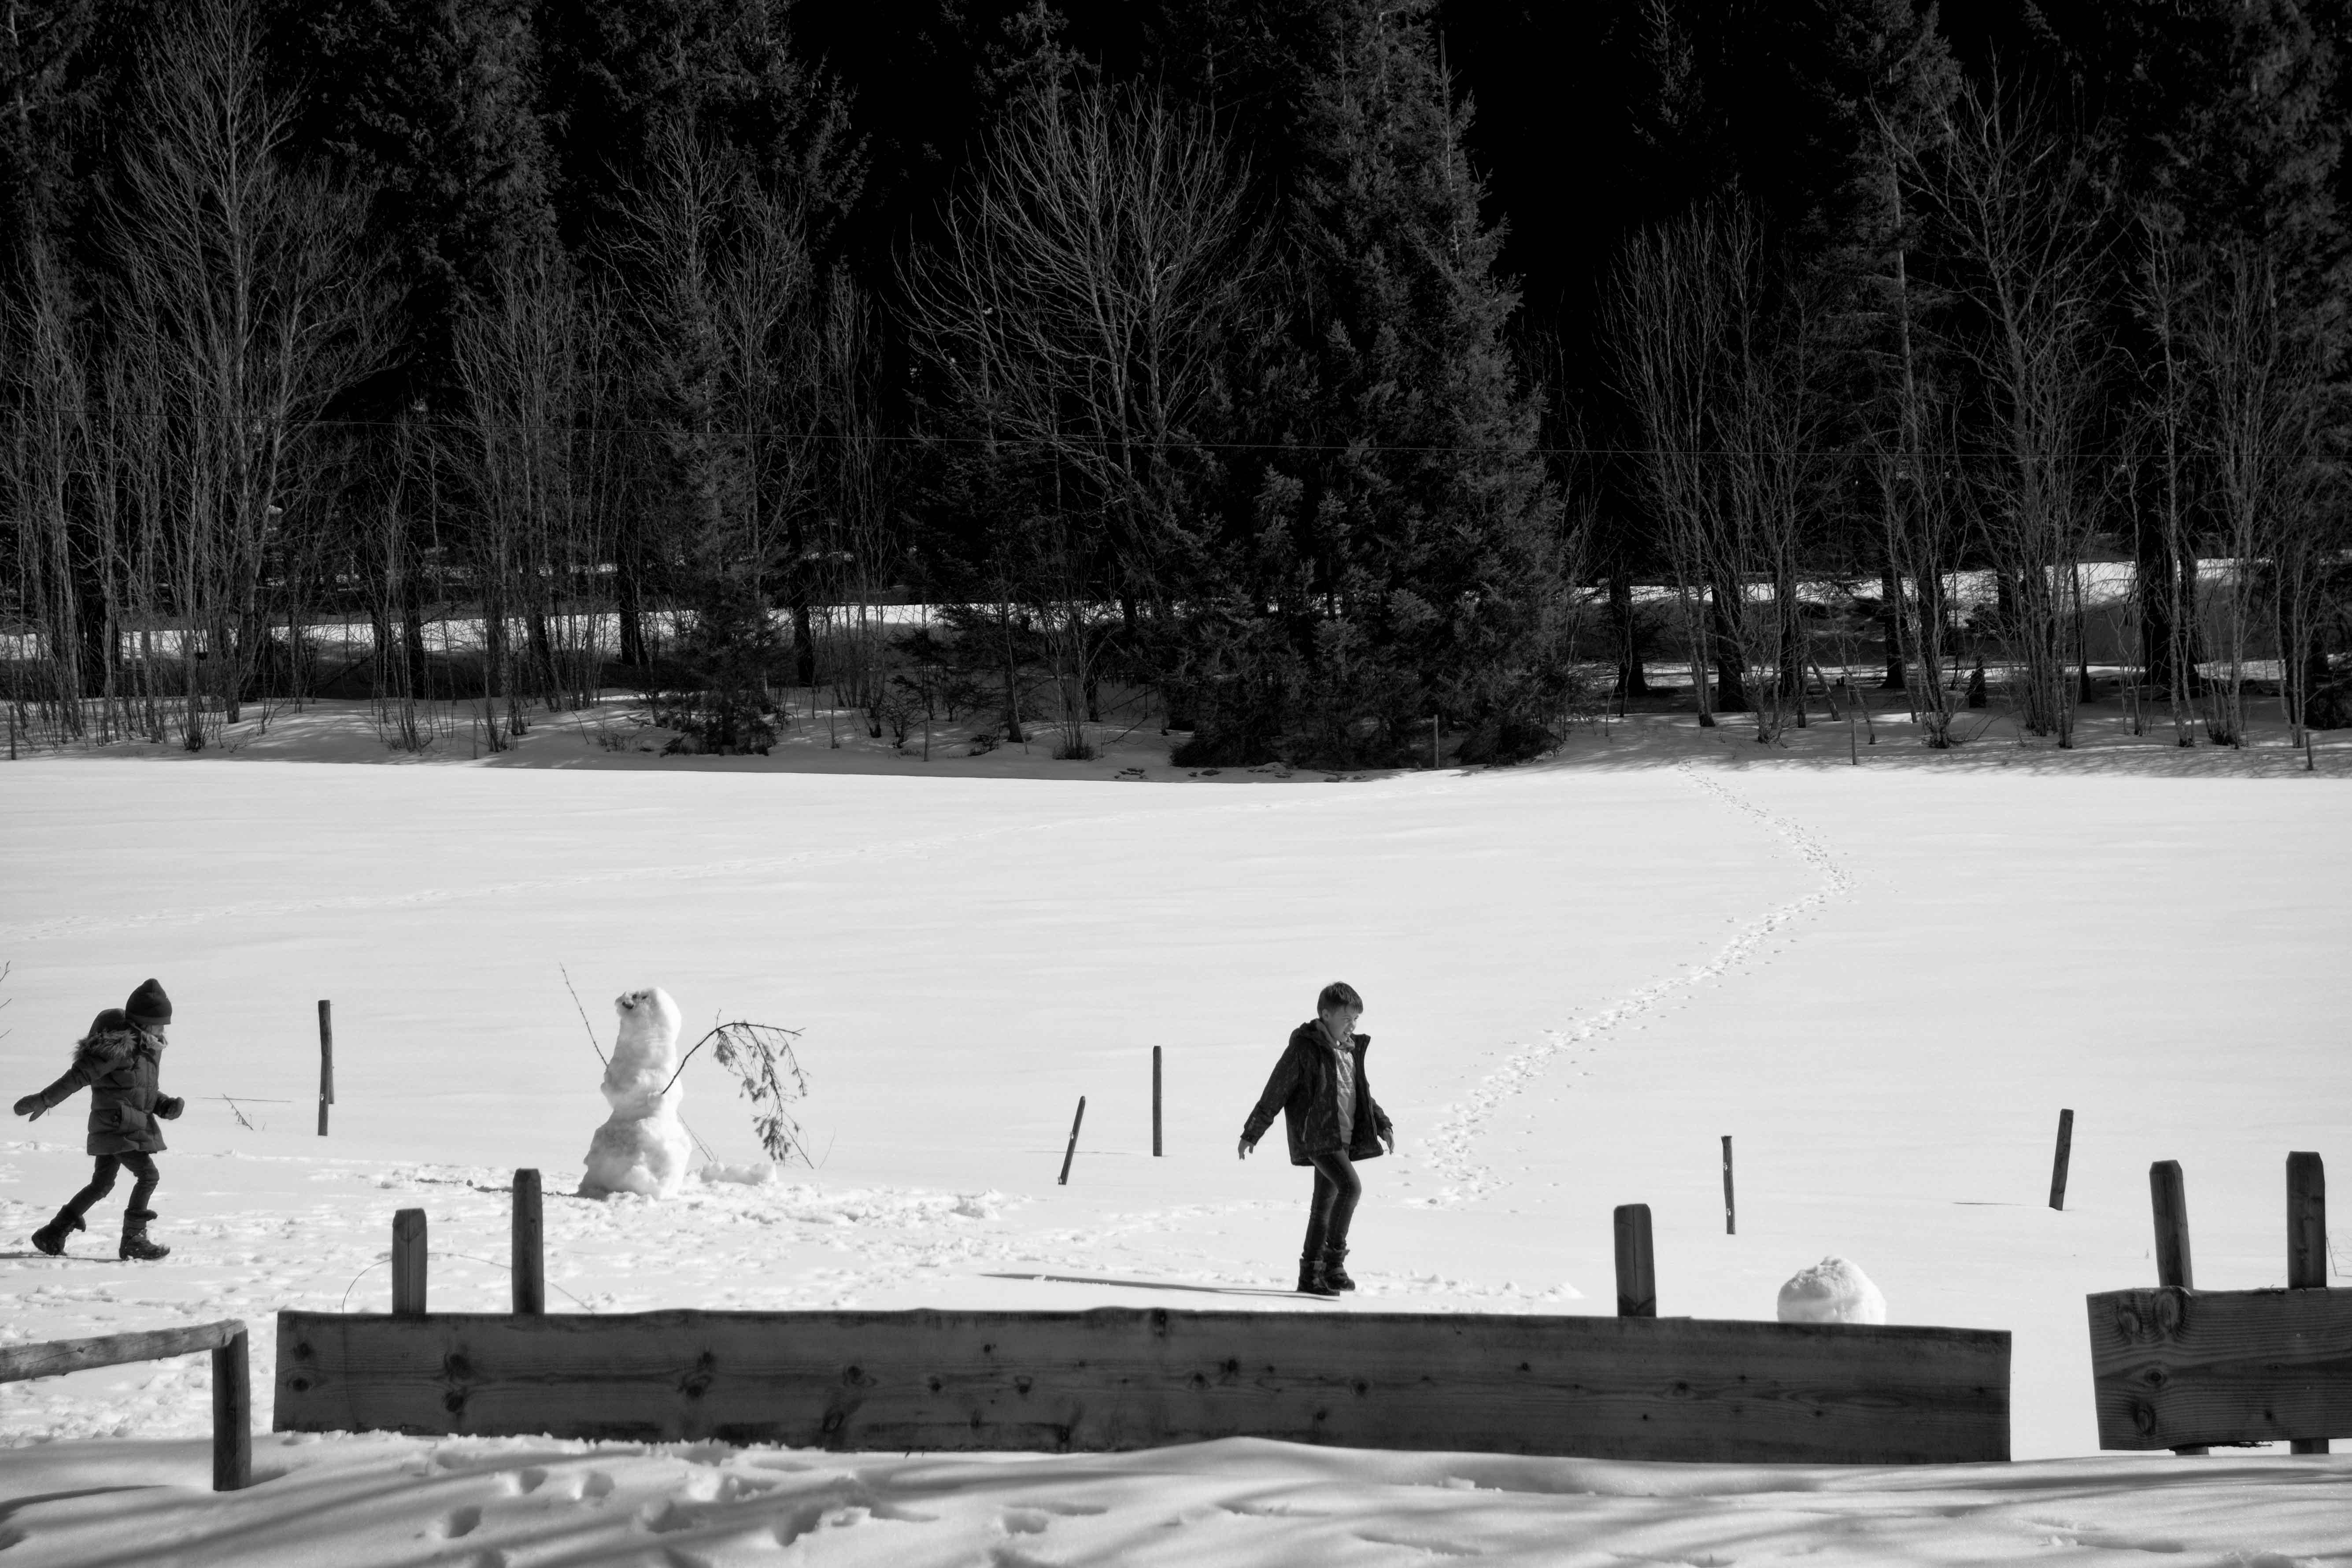 Hinterzarten, forêt noire Allemagne, on fait un bonhomme de neige